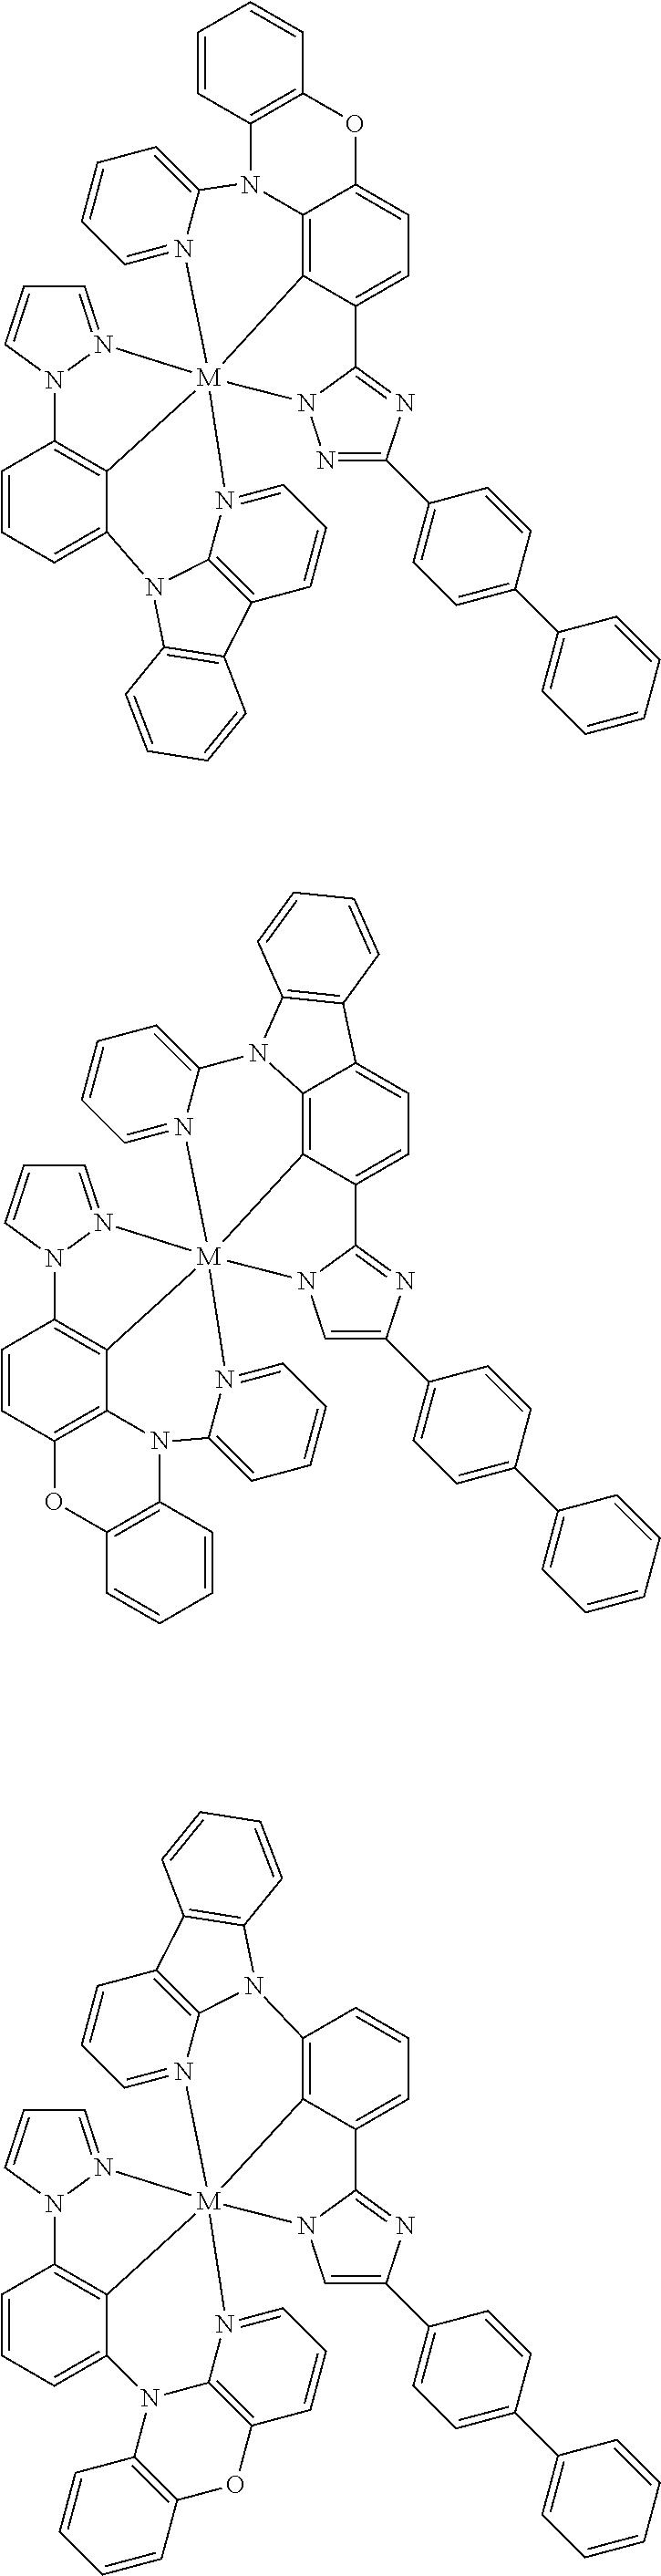 Figure US09818959-20171114-C00394